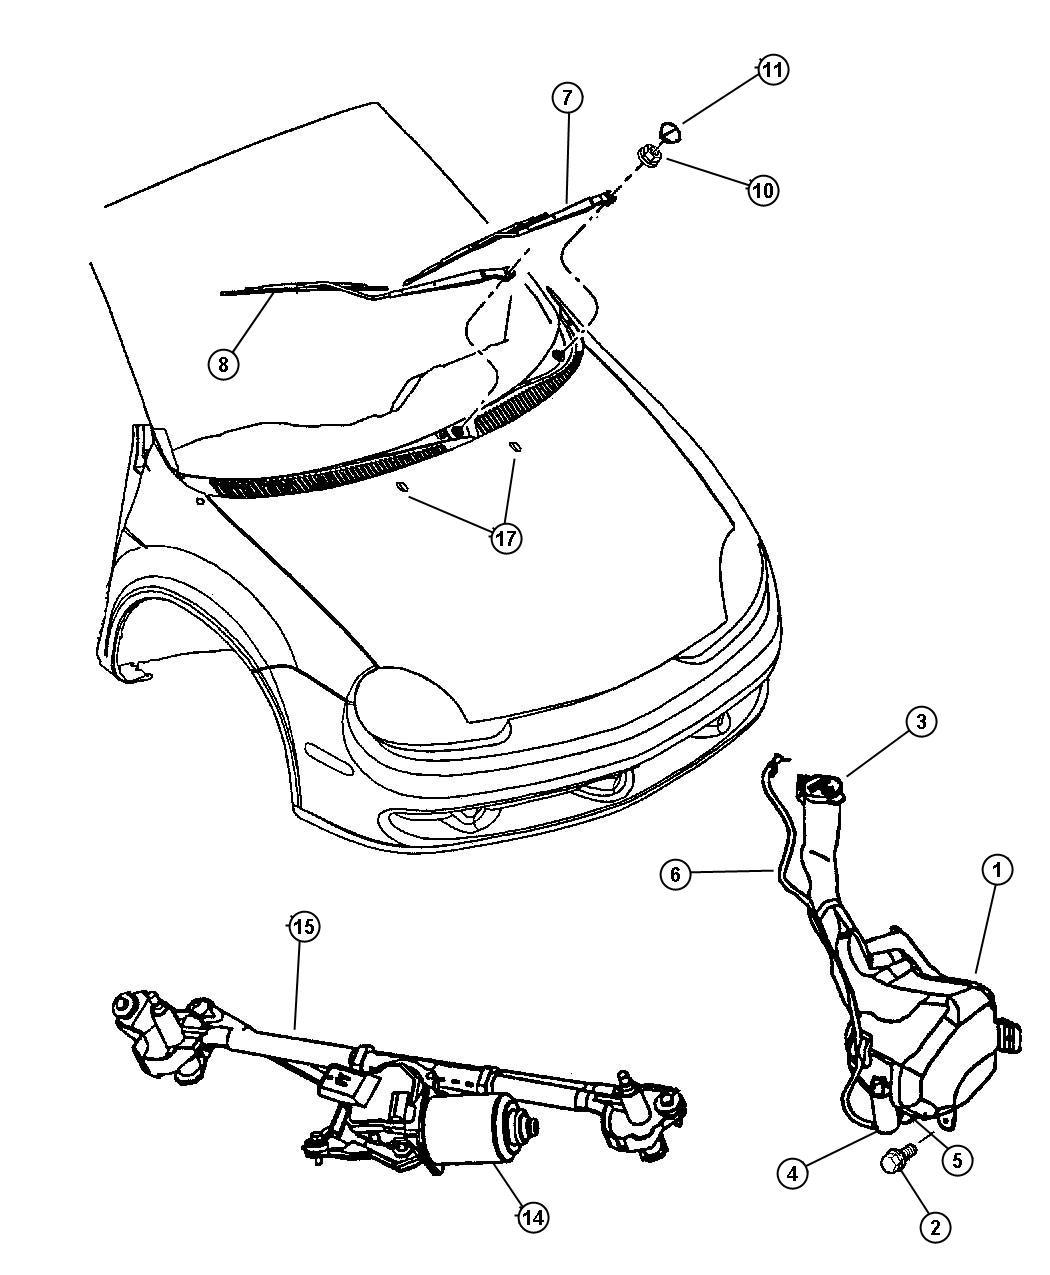 Dodge Neon Grommet Windshield Washer Pump